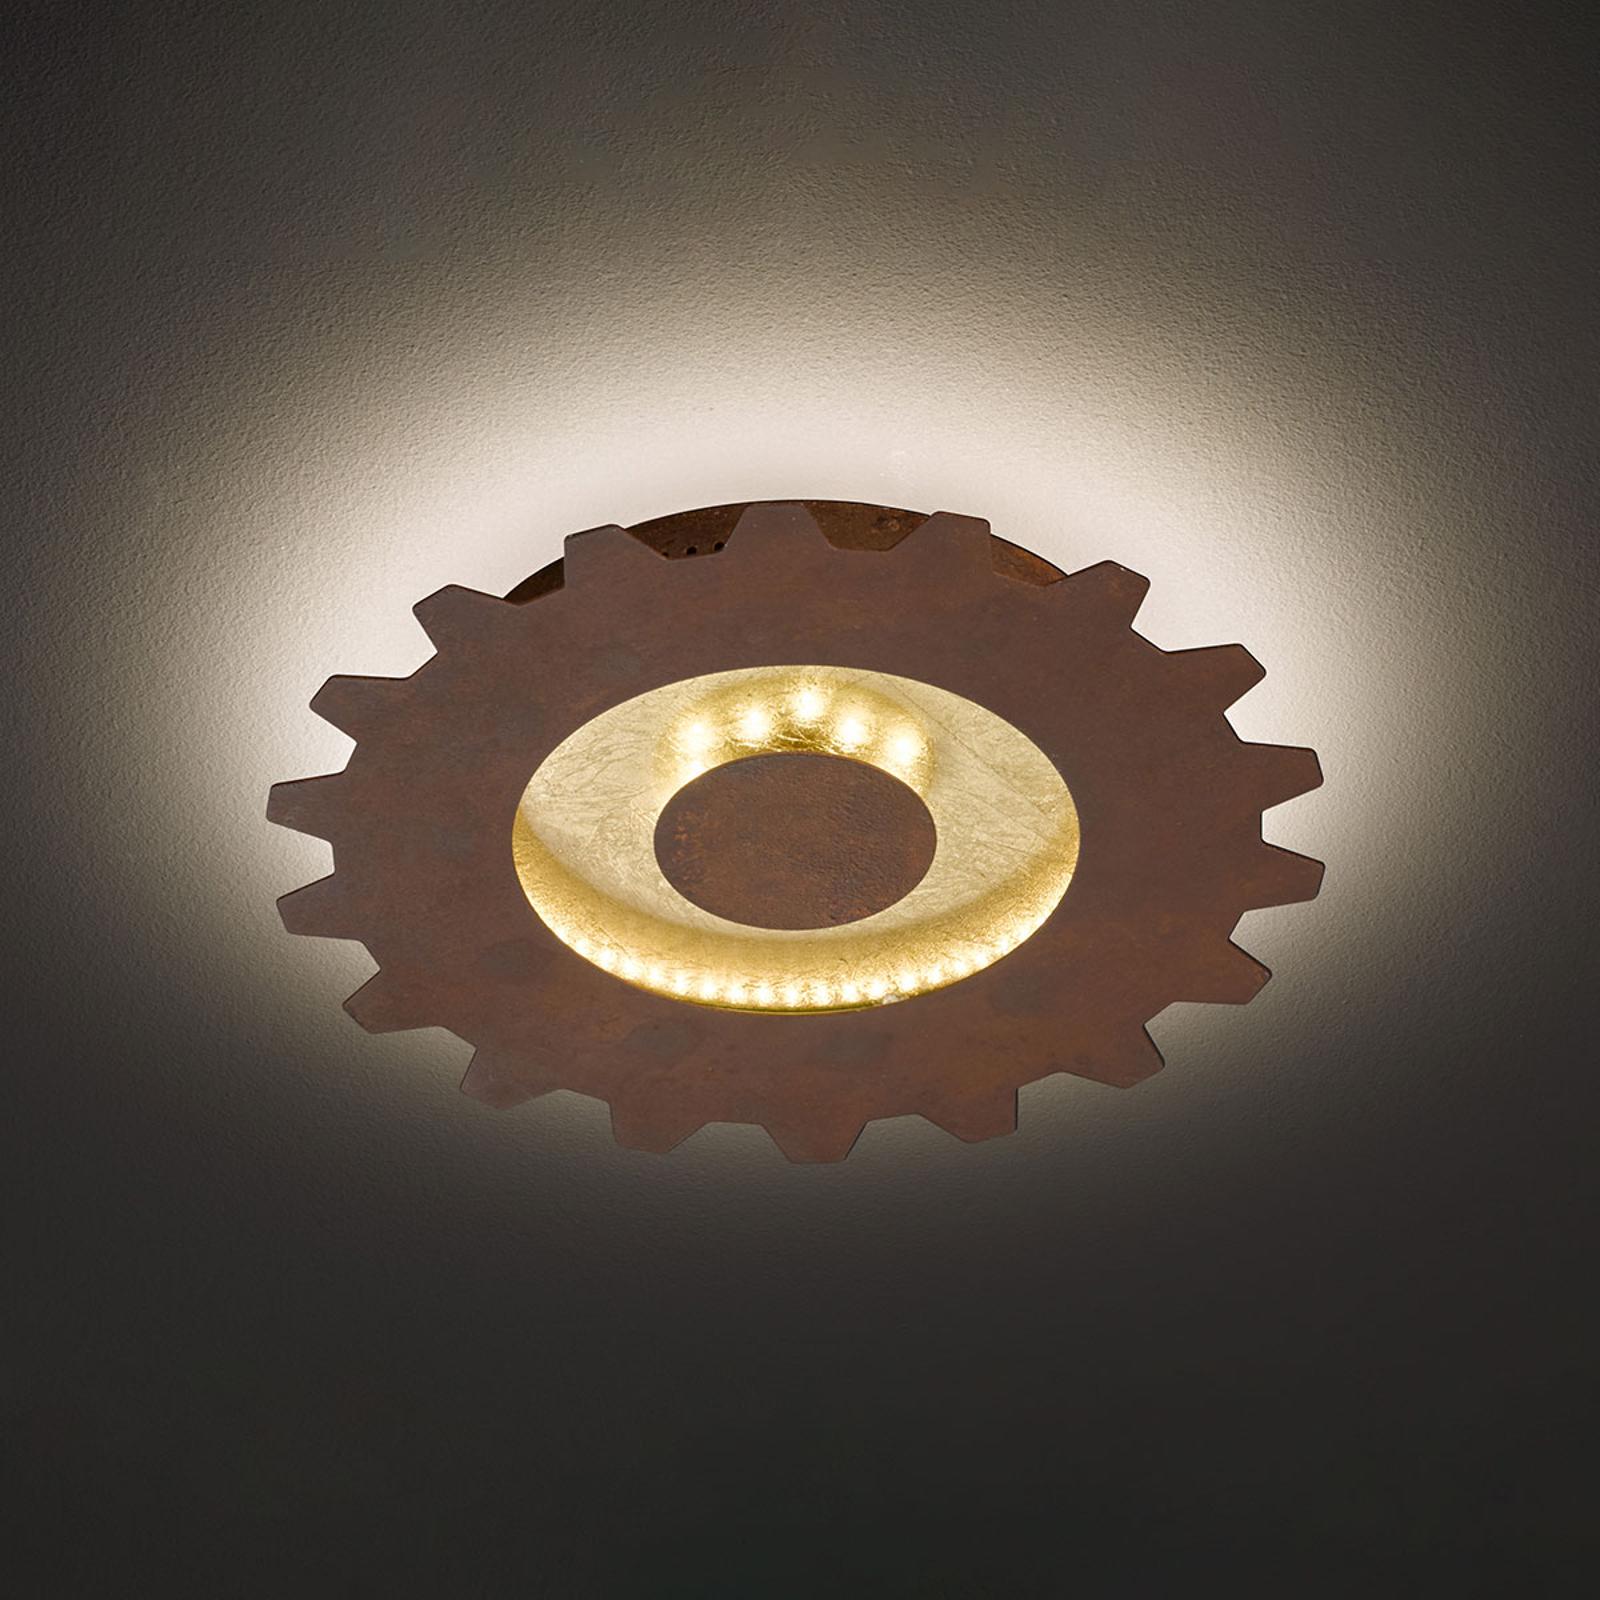 LED-Deckenleuchte Leif in Zahnradoptik, Ø 30 cm